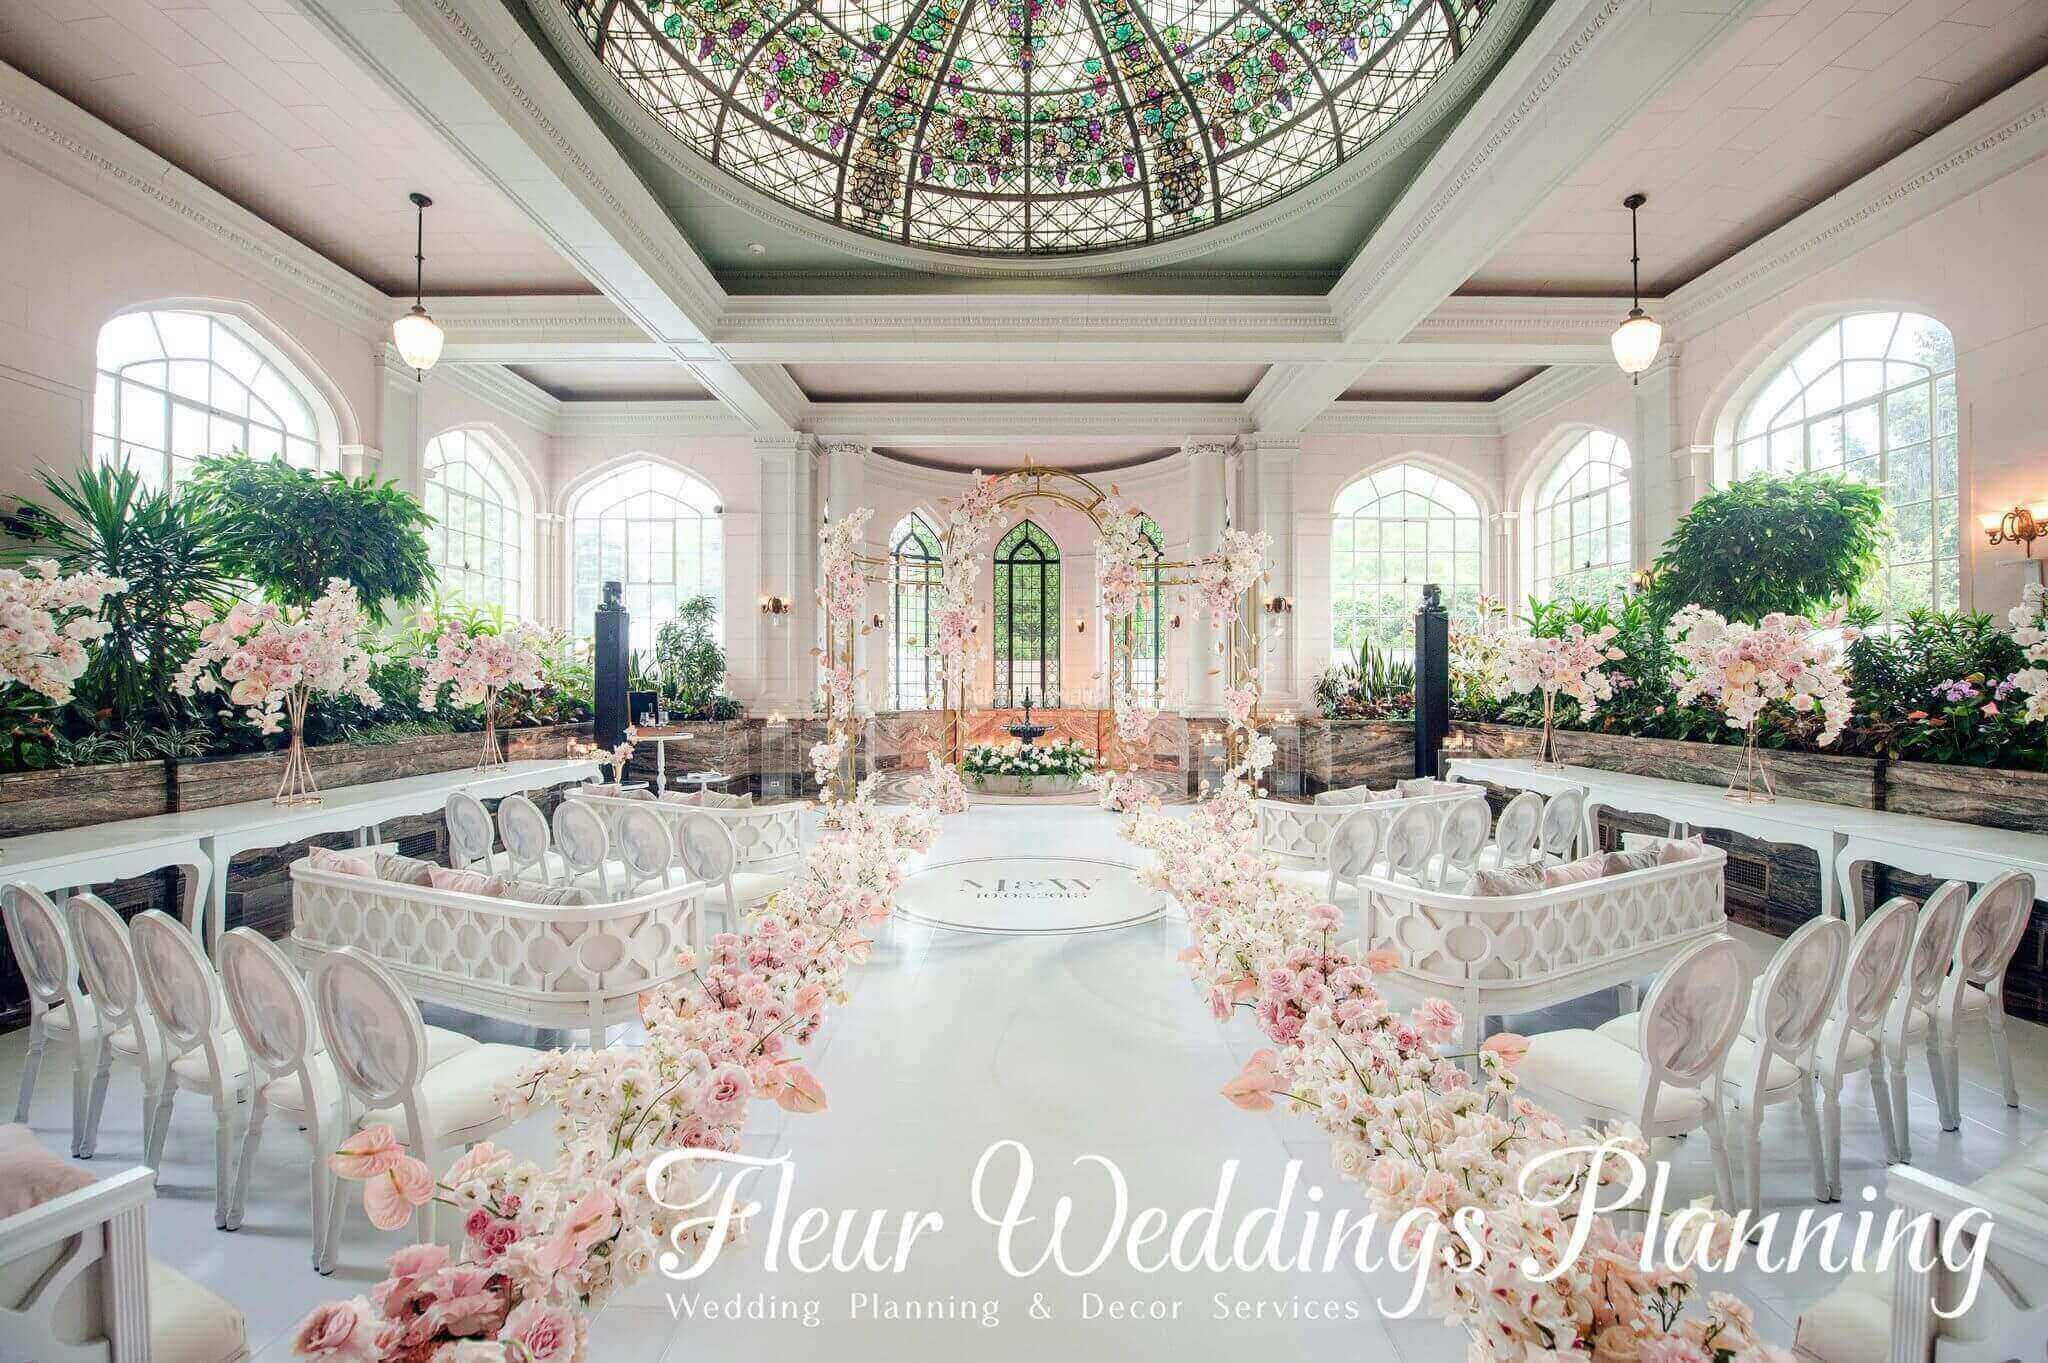 图片包含 室内, 桌子, 蛋糕, 装饰  描述已自动生成